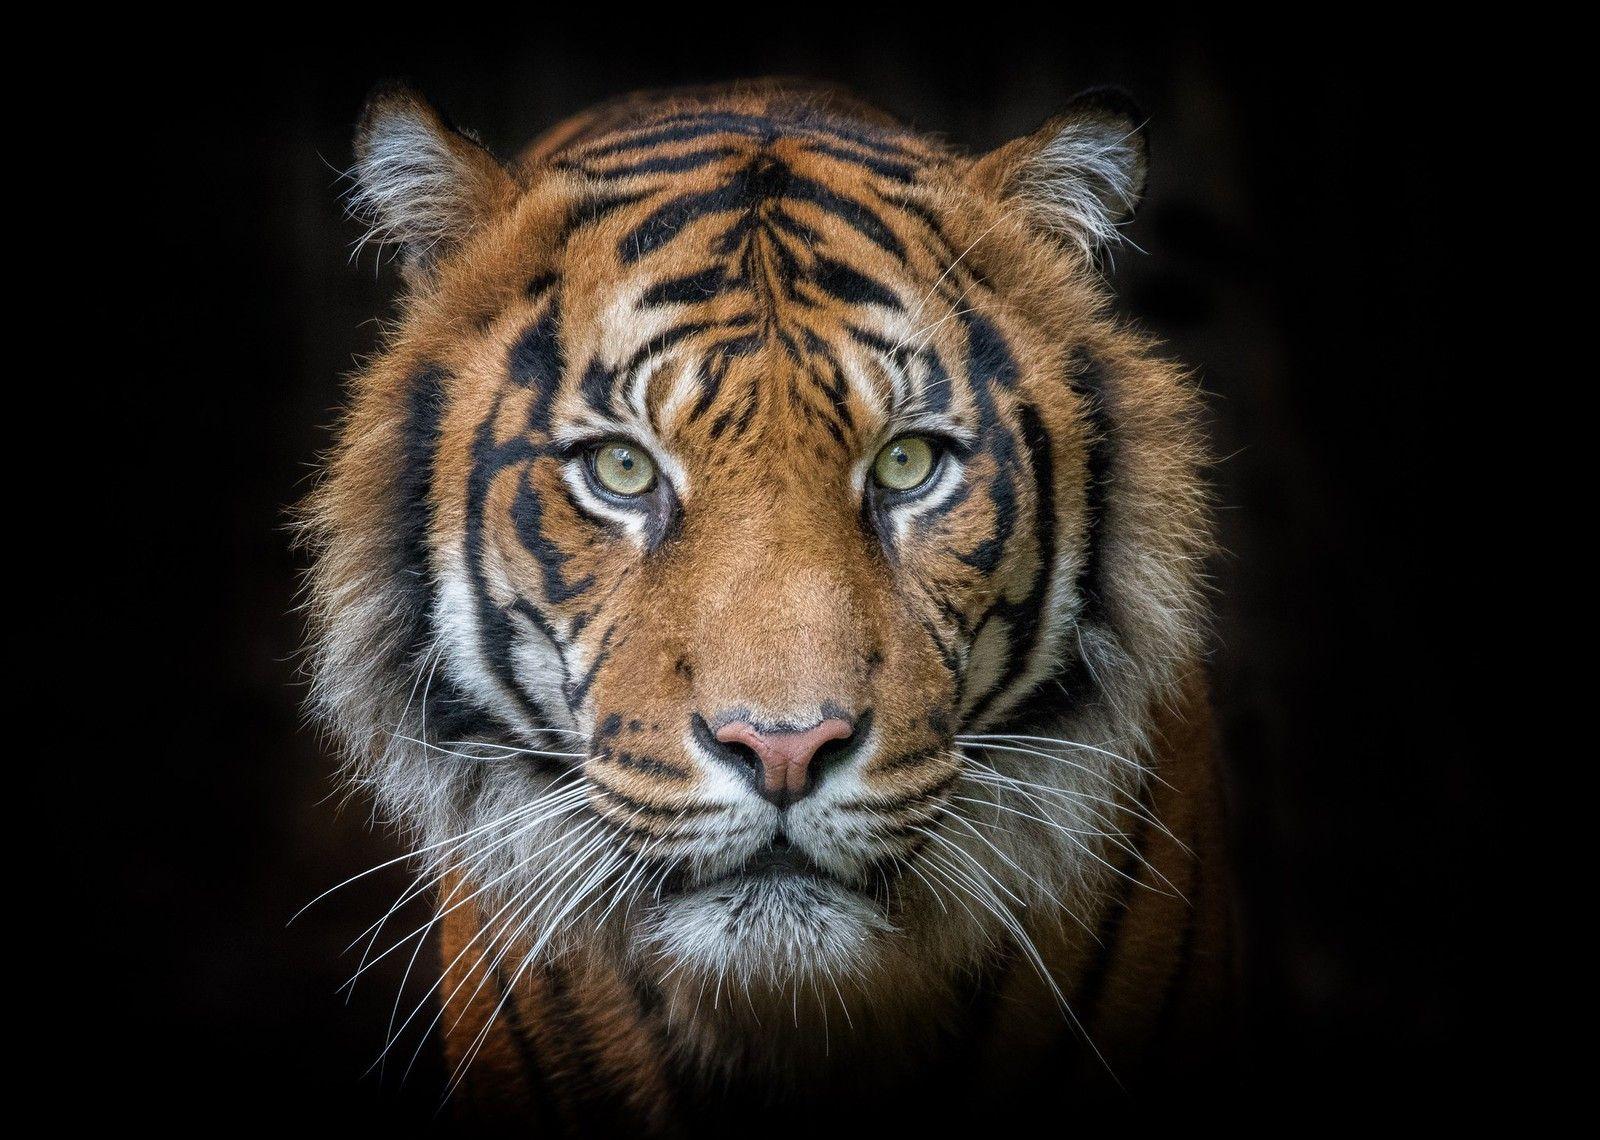 Tiger Dark Animal Love Nature Iphone 6 Wallpaper Download Iphone Wallpapers Ipad Wallpapers Tiger Wallpaper Iphone Nature Iphone Wallpaper Animal Wallpaper